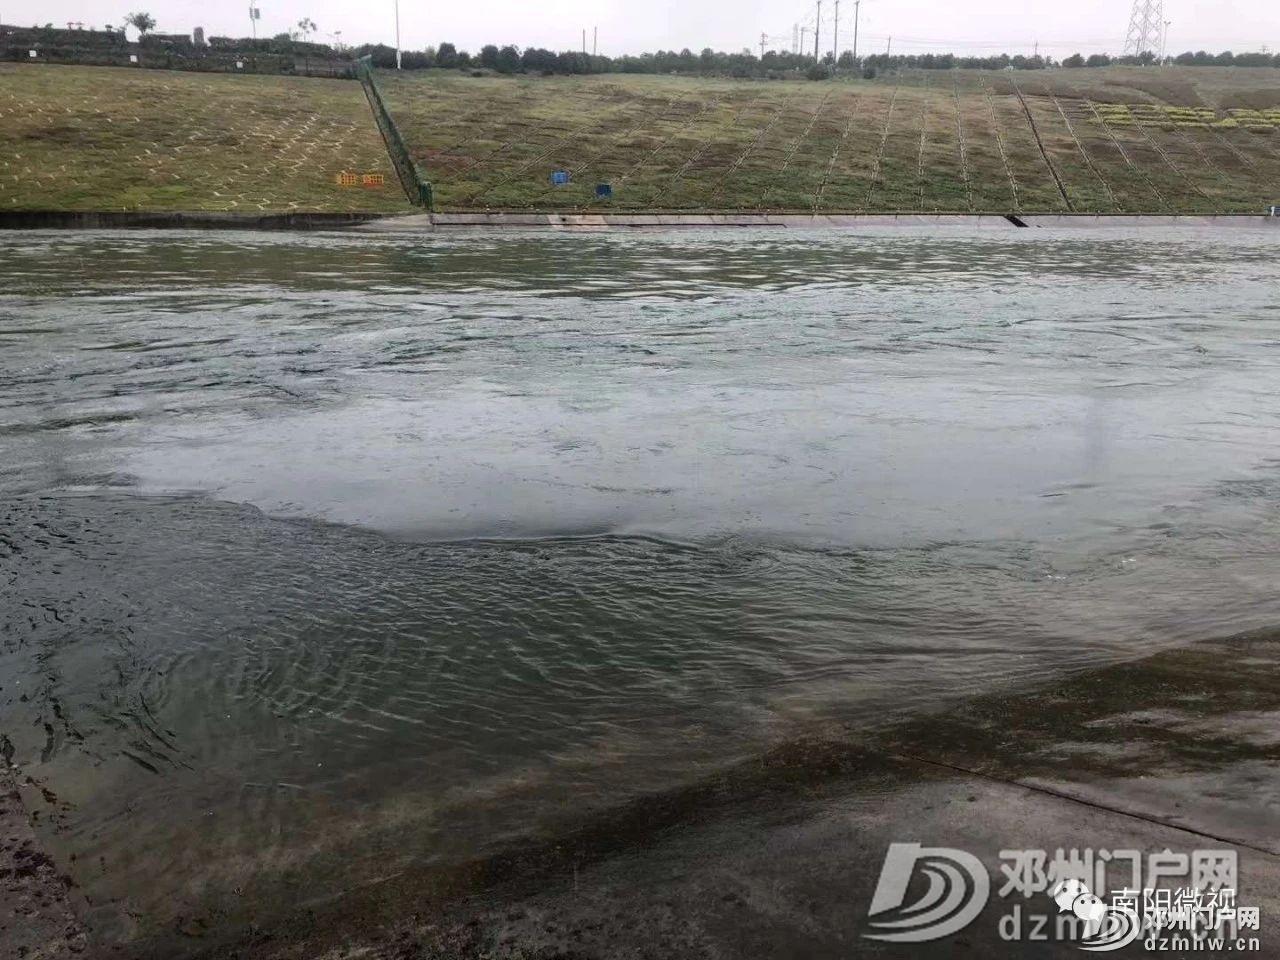 南水北调中线工程首次以设计最大流量输水 - 邓州门户网|邓州网 - 7fda0b2ee00ad1a132eb0b8cca5be9f2.jpg